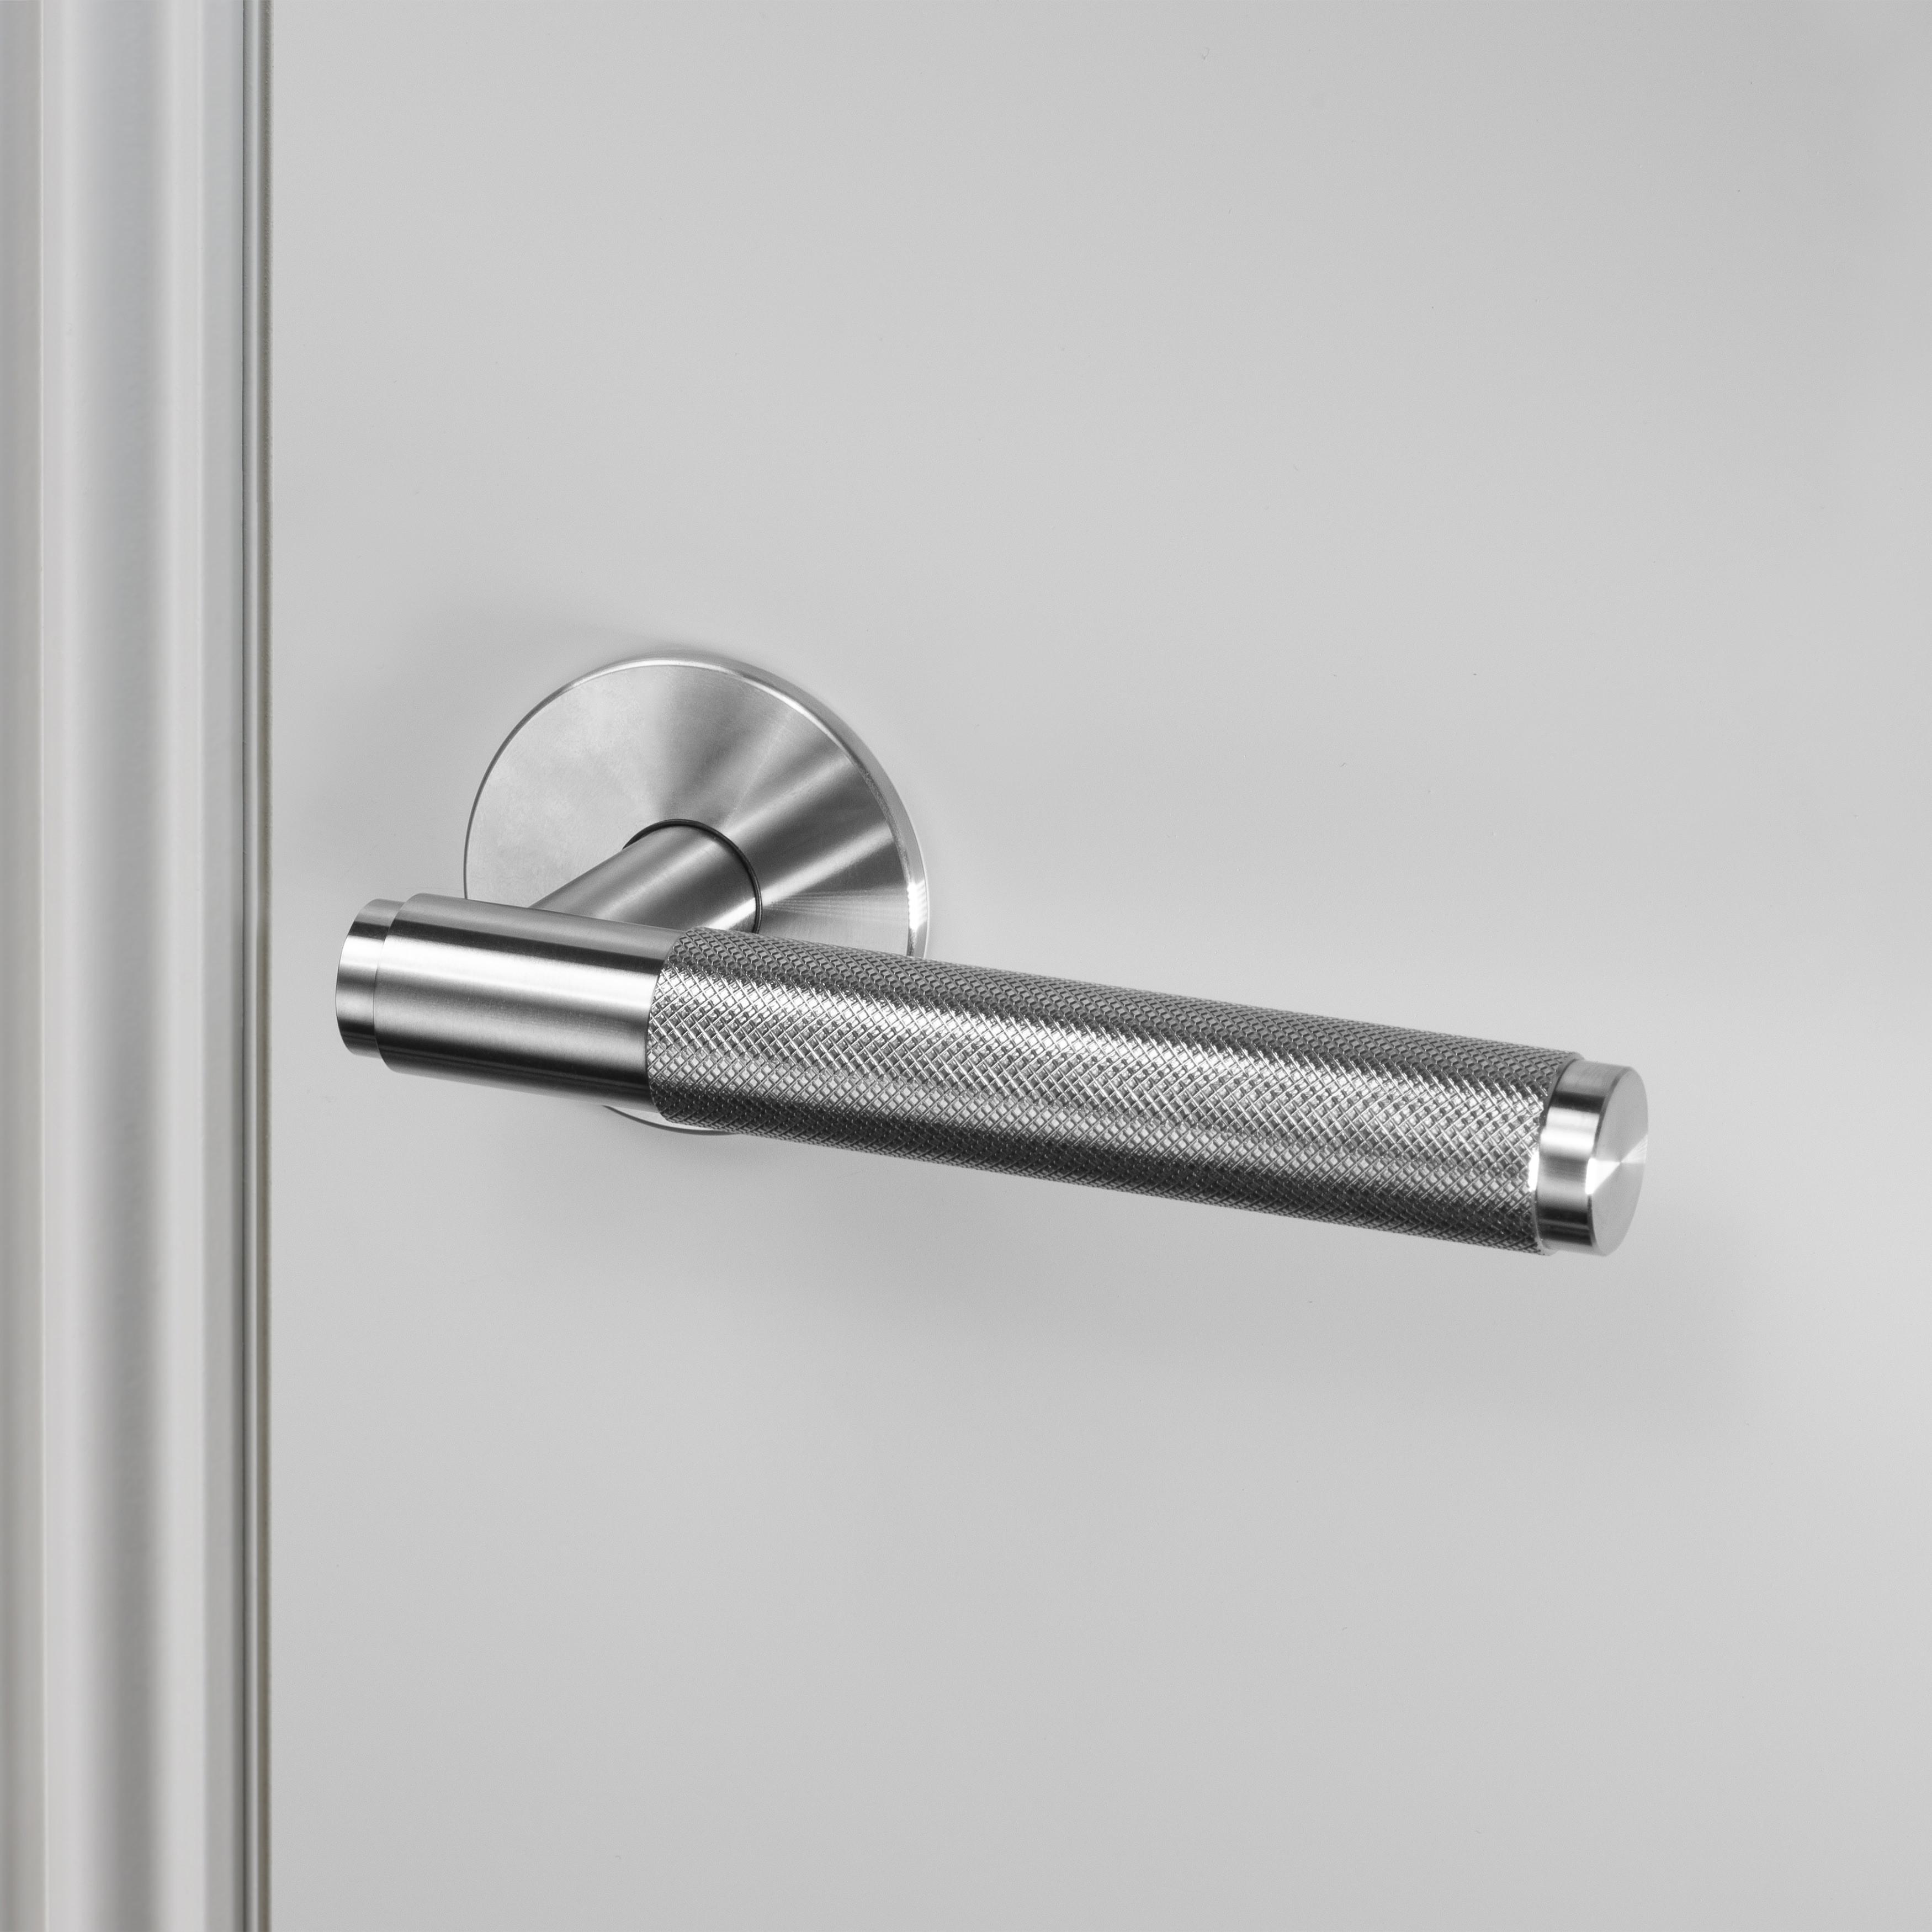 DOOR LEVER HANDLE / STEEL